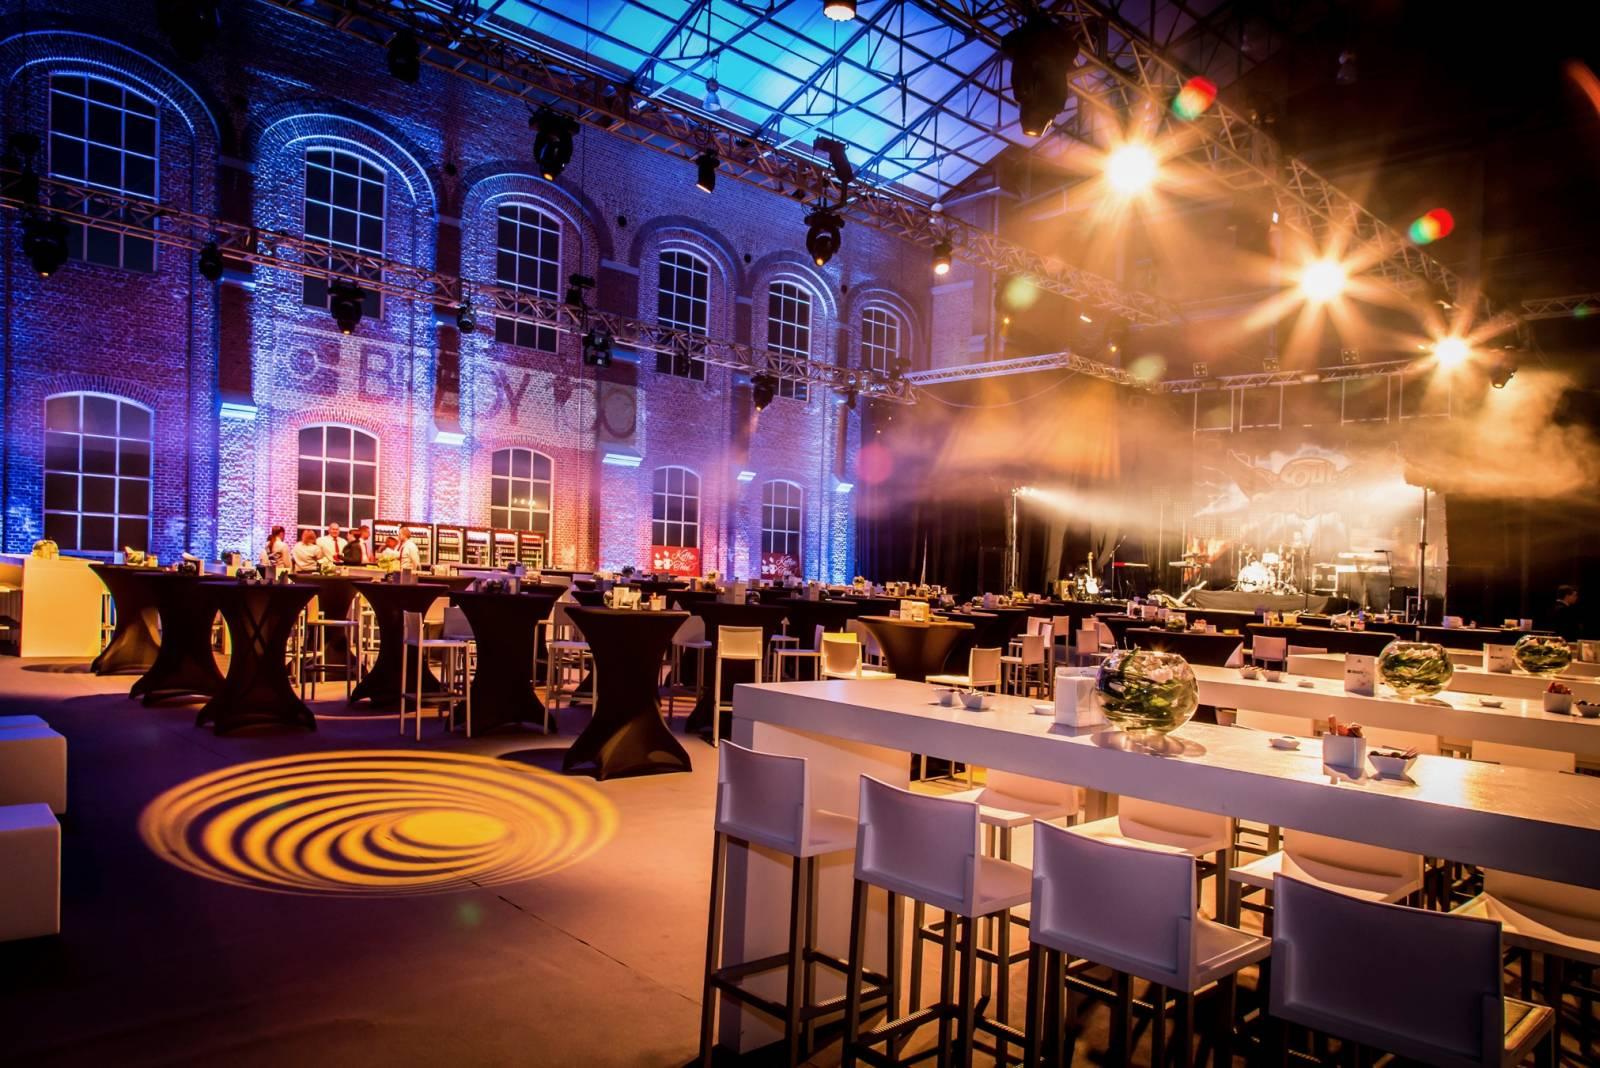 Hangar 43 - Feestzaal - Feestlocatie - Industrieel - Dendermonde (Antwerpen) - House of Events - 9